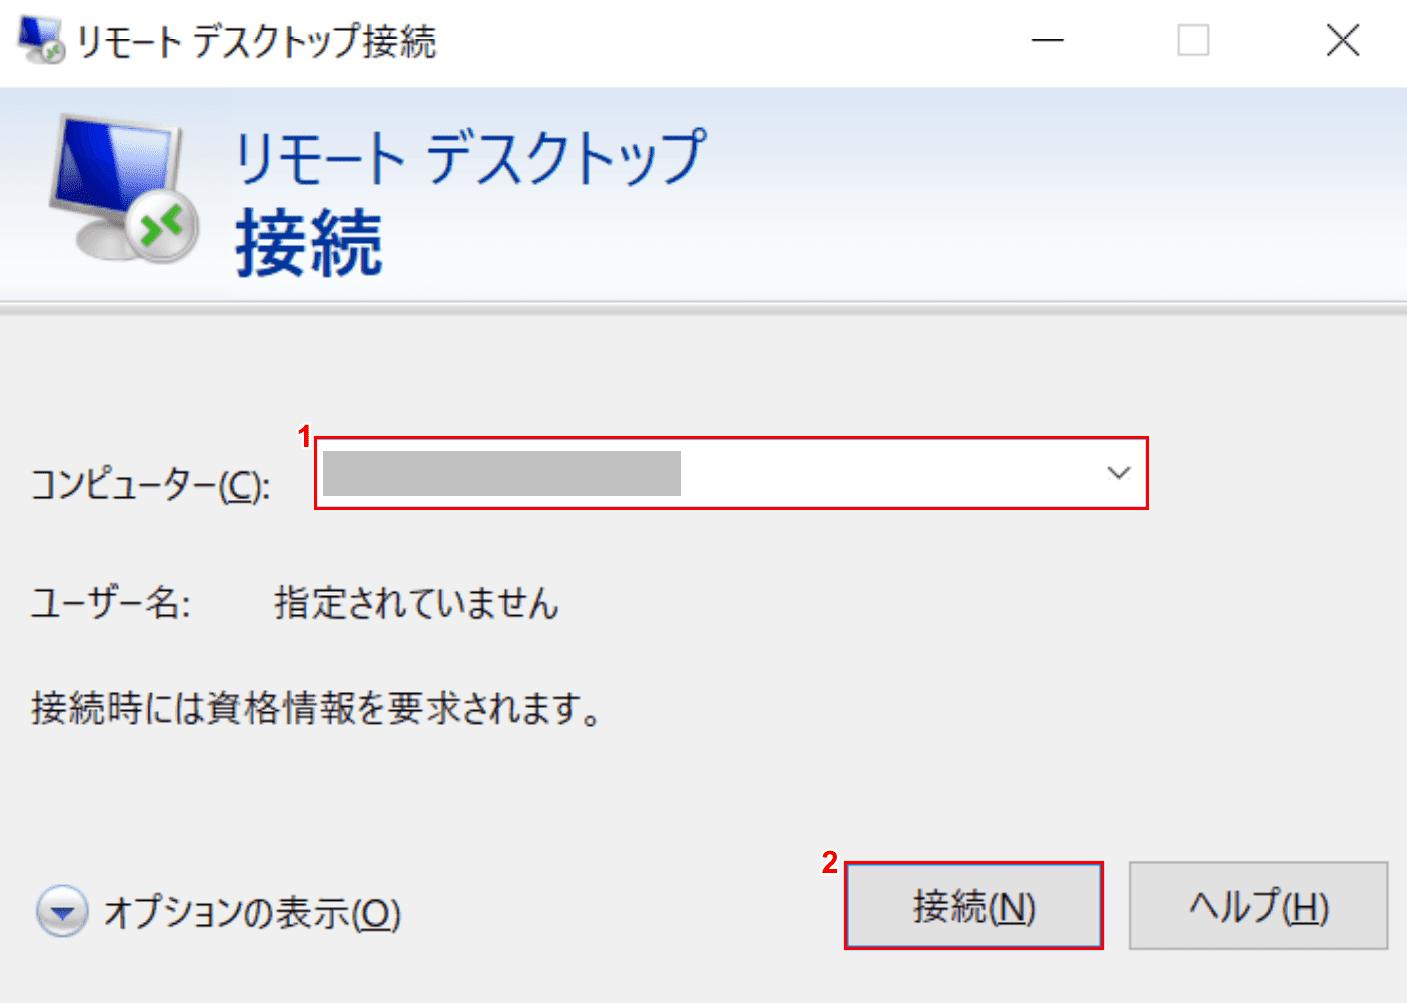 リモートデスクトップ接続、ダイアログボックス